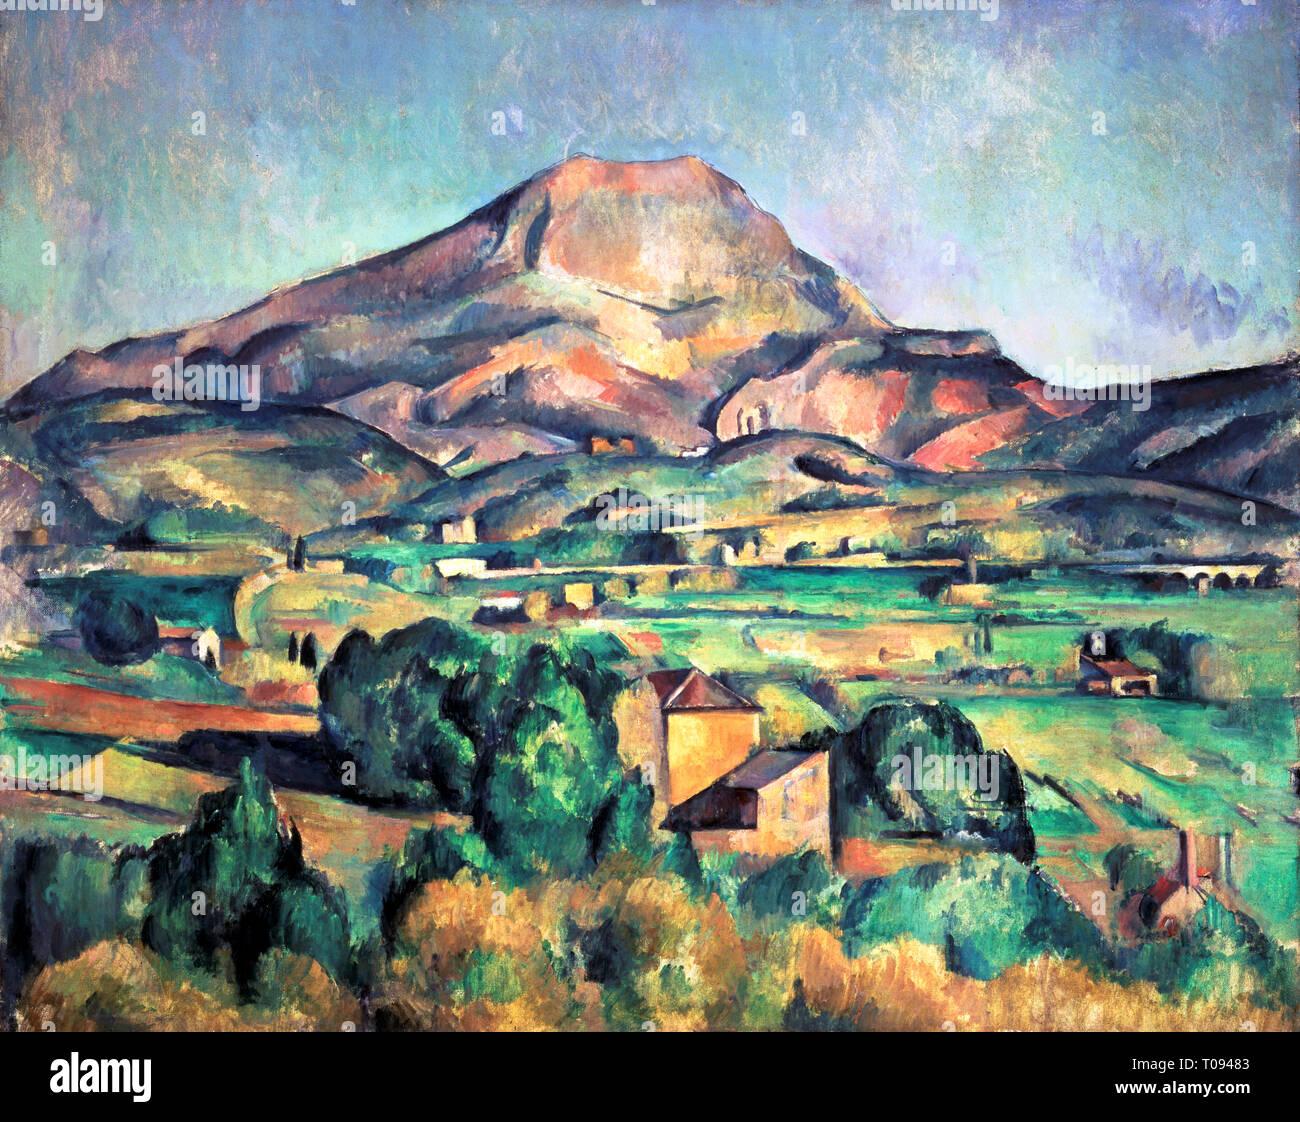 Paul Cezanne La Montagne Sainte Victoire Vue De Bellevue Peinture 1885 Photo Stock Alamy